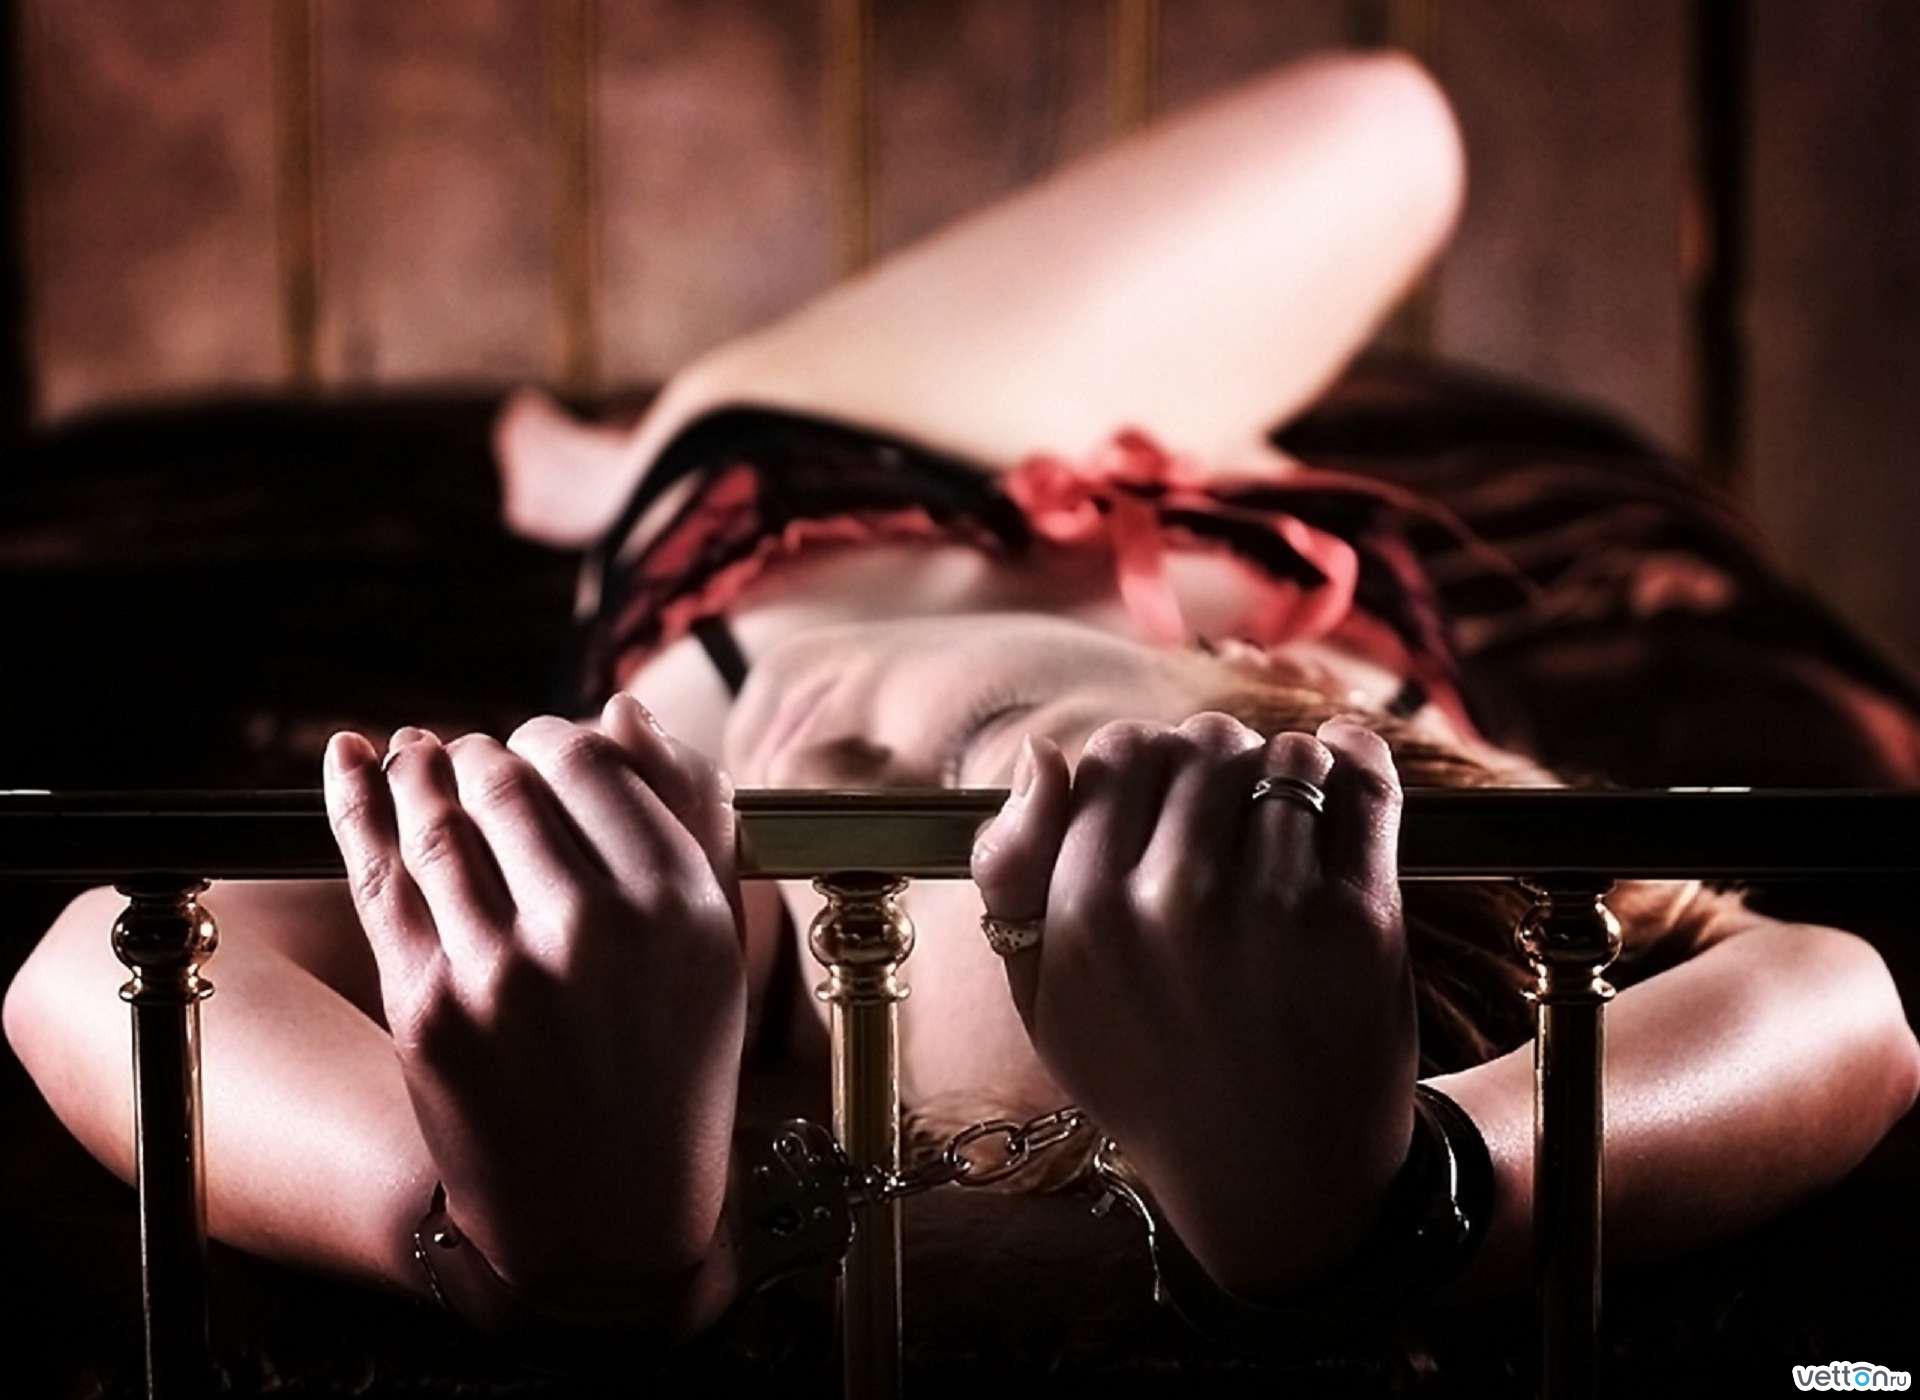 Секс в наручнииках 25 фотография